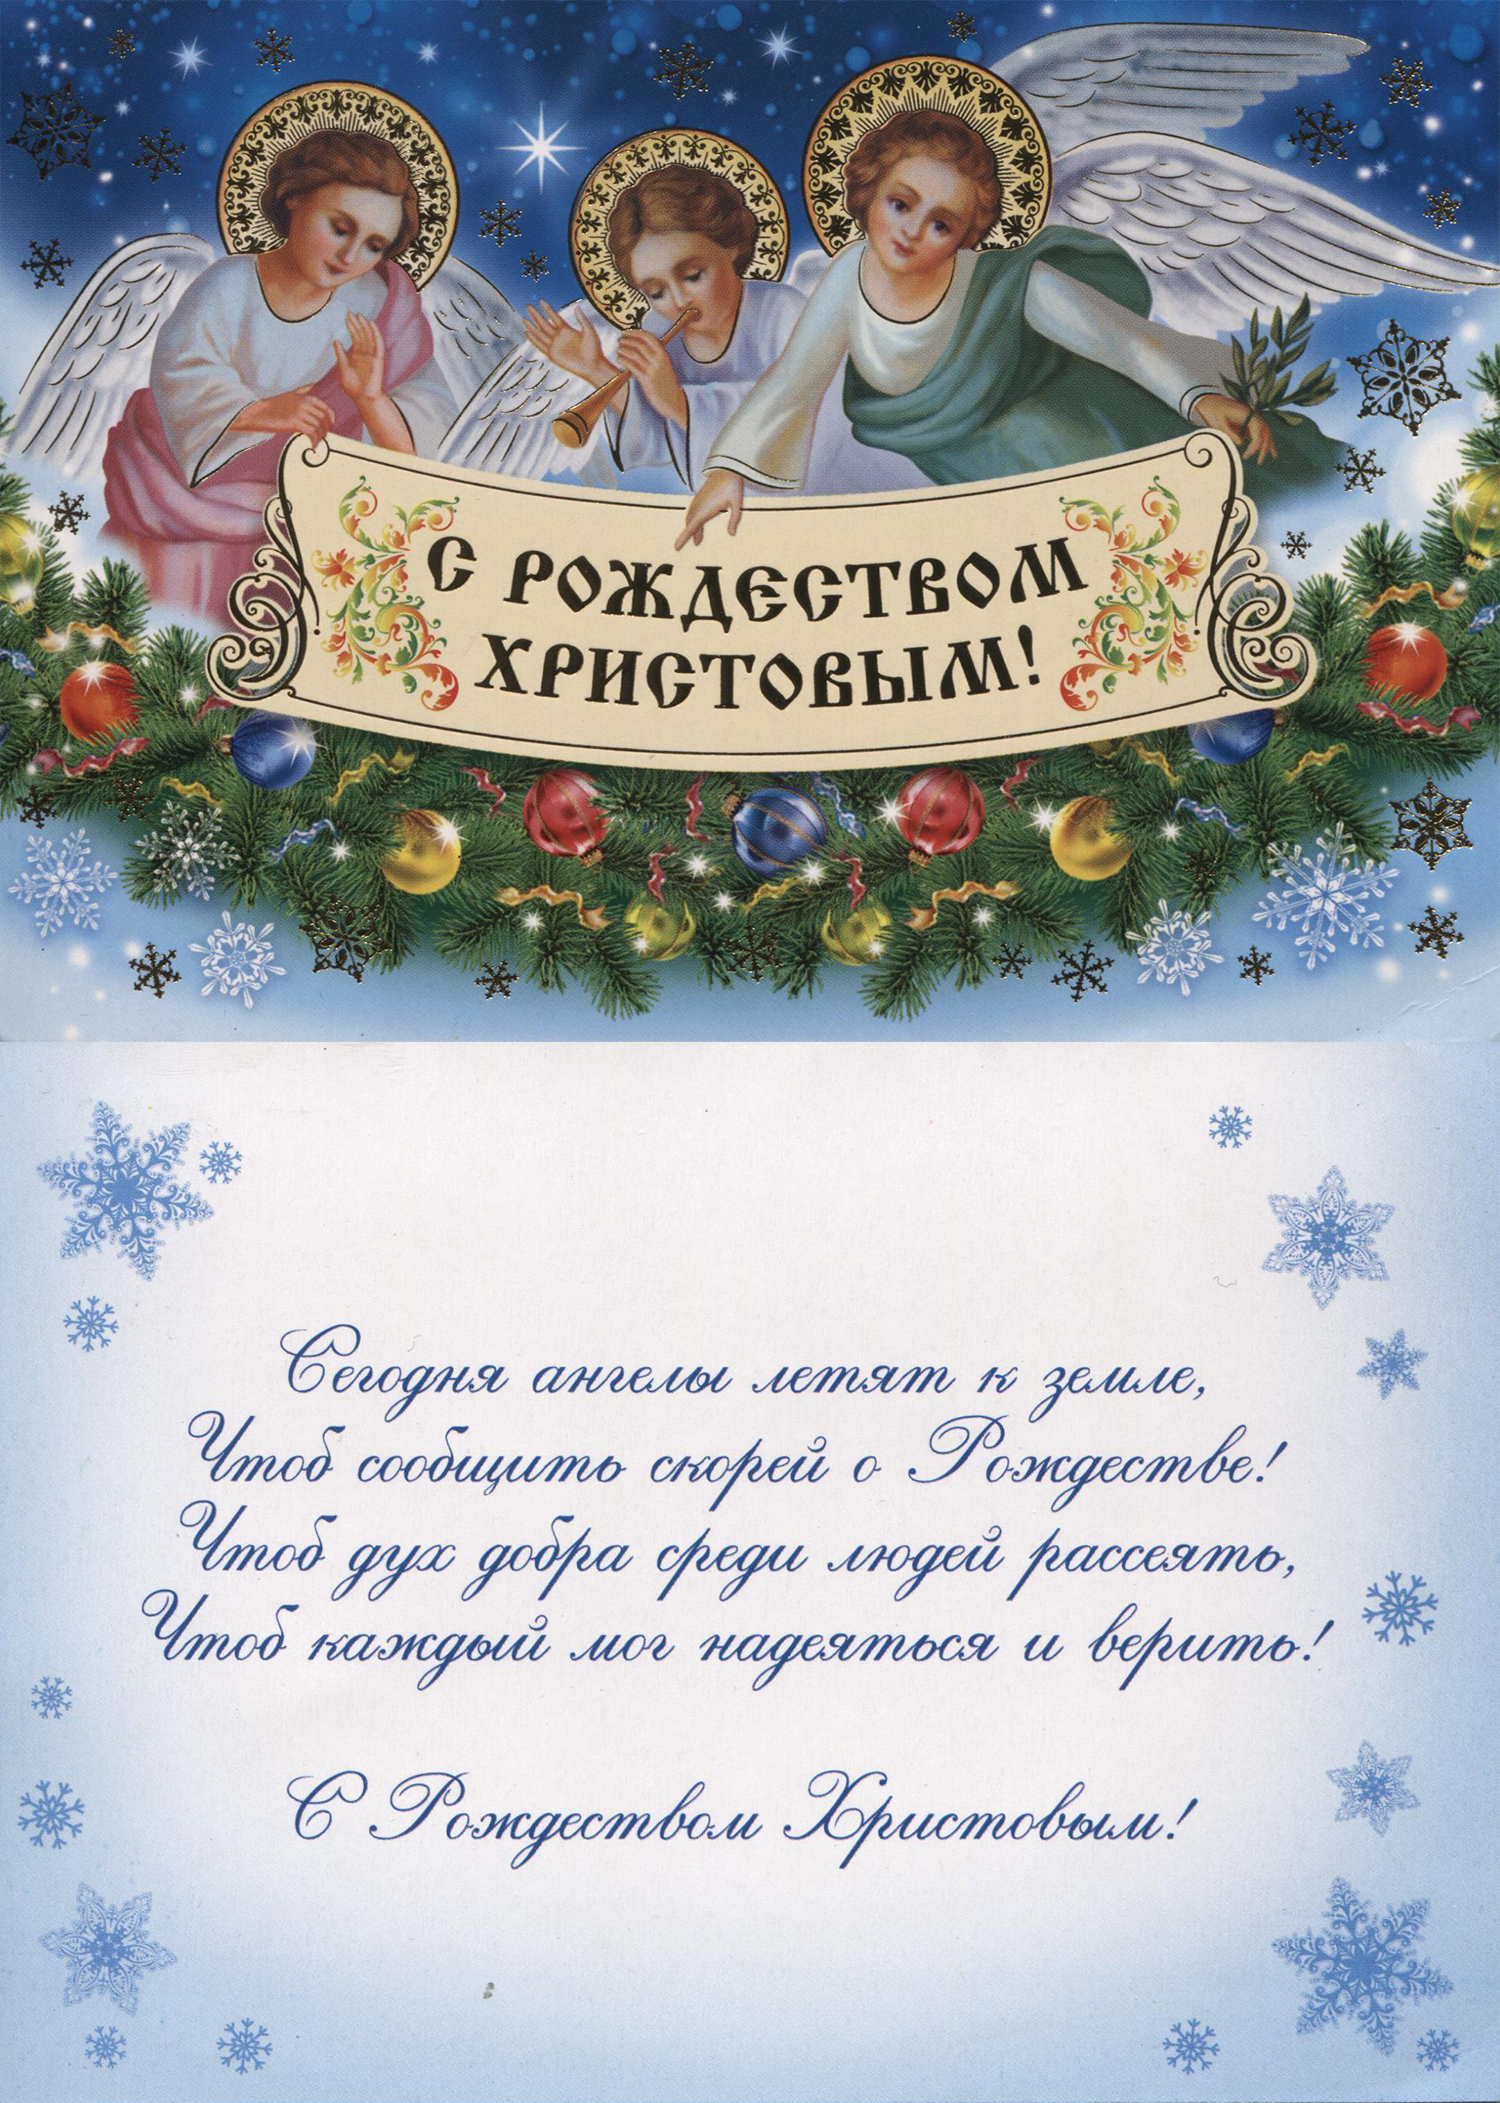 Поздравление с рождеством на русском фото 159